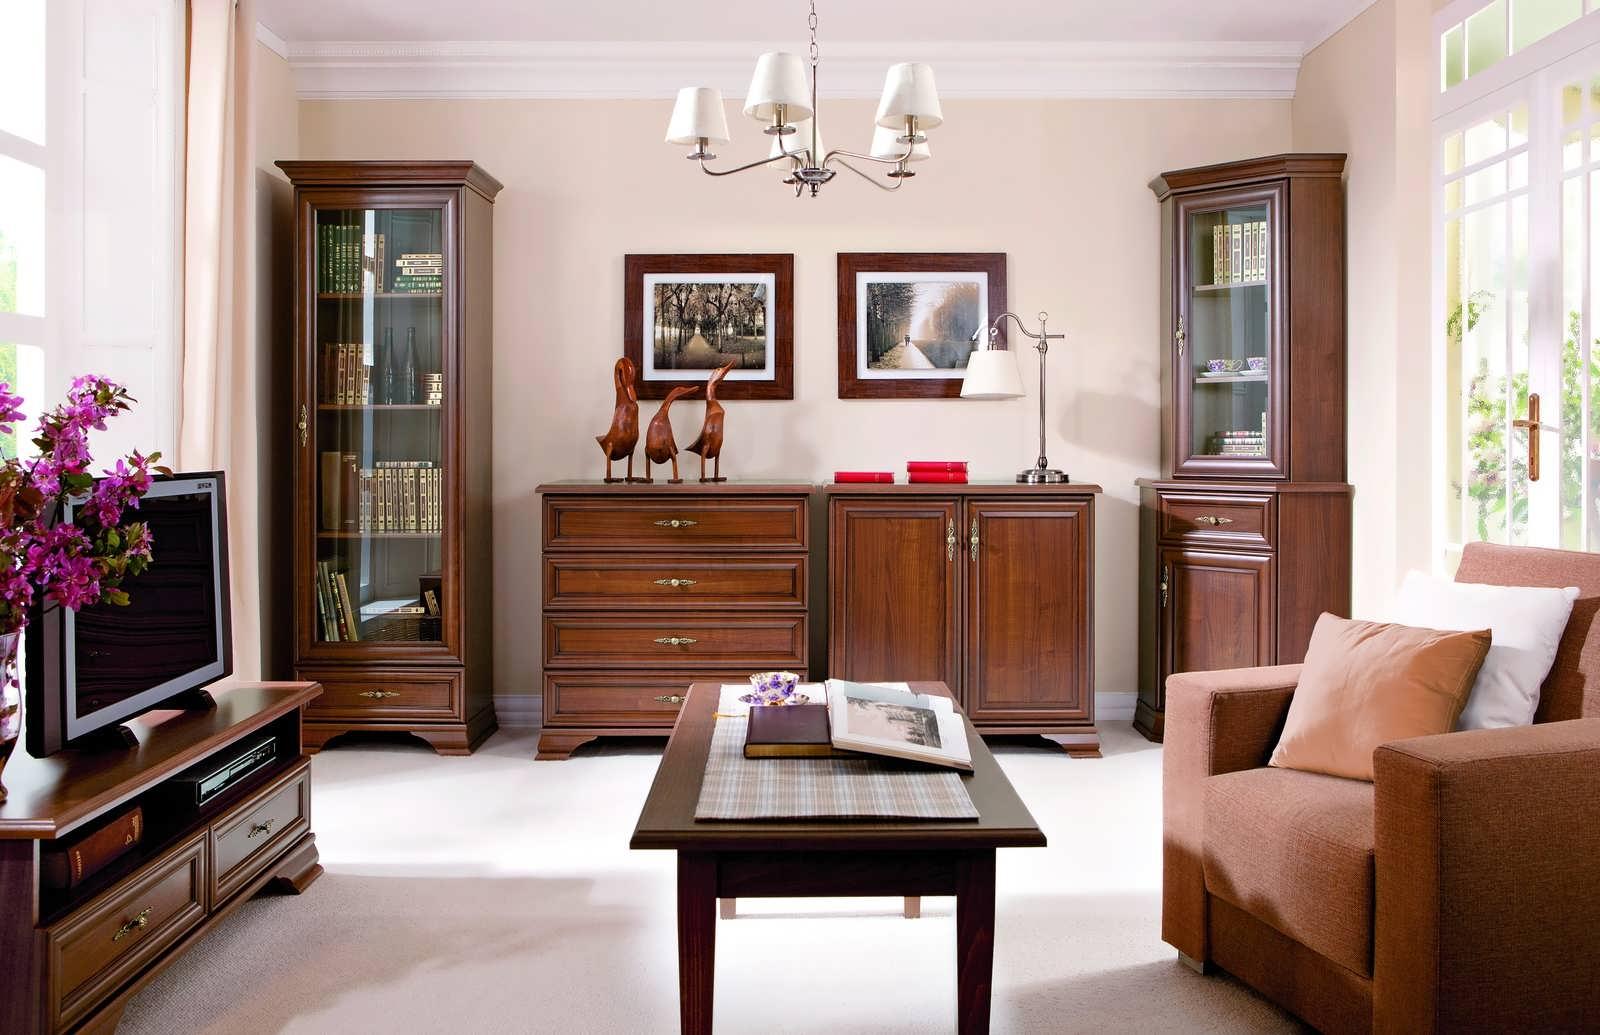 Купить Белую Мебель Для Гостиной